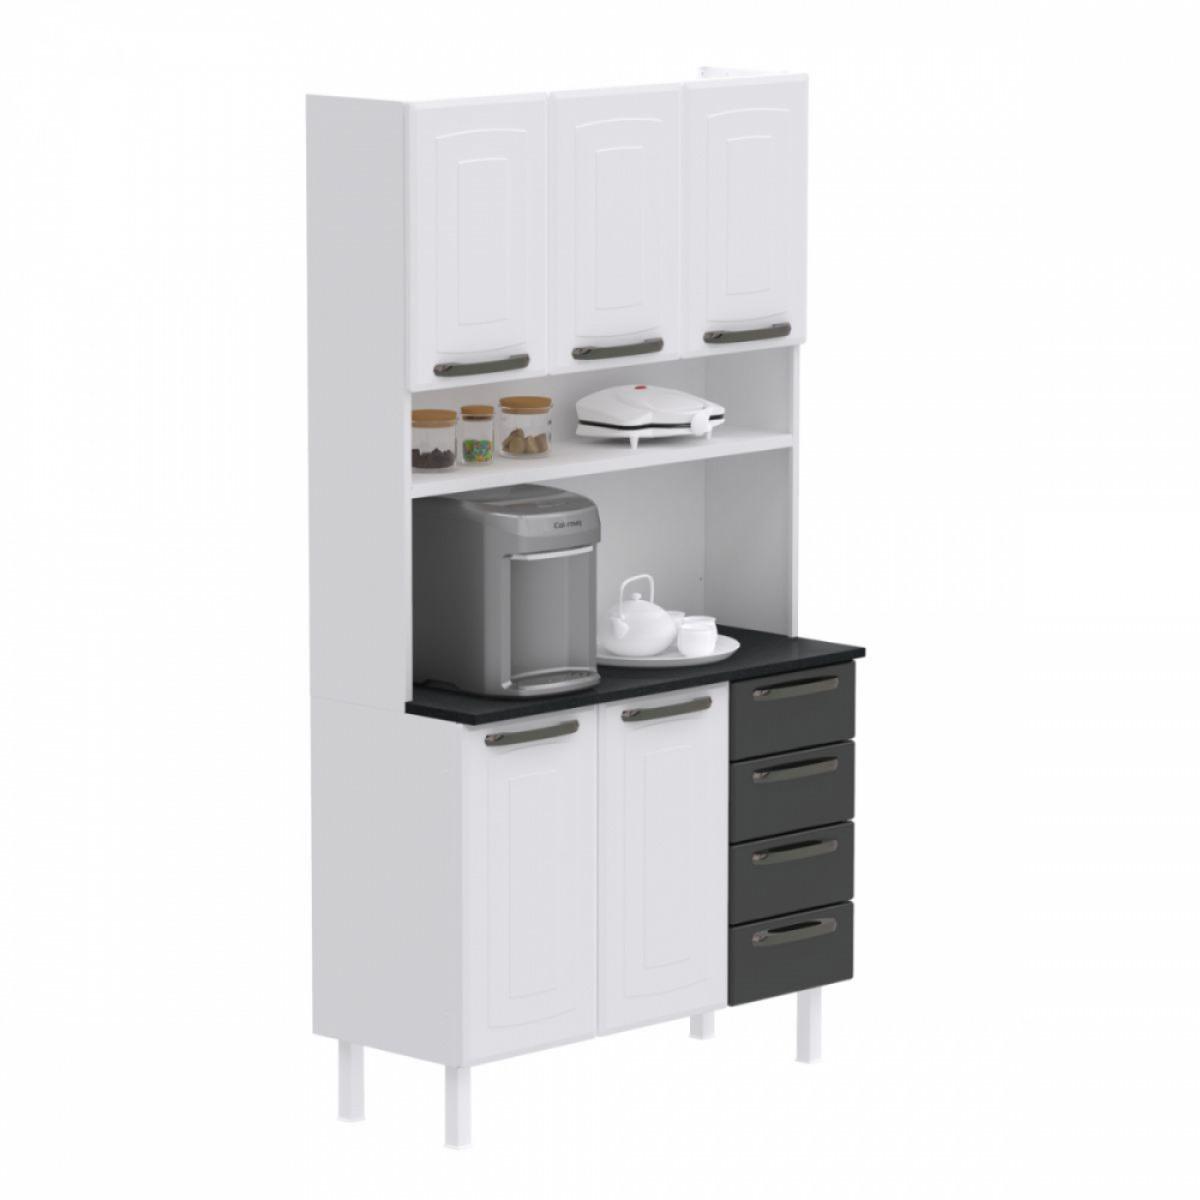 Kit de Cozinha Colormaq Titanium 5 Portas, 4 Gavetas em Aço